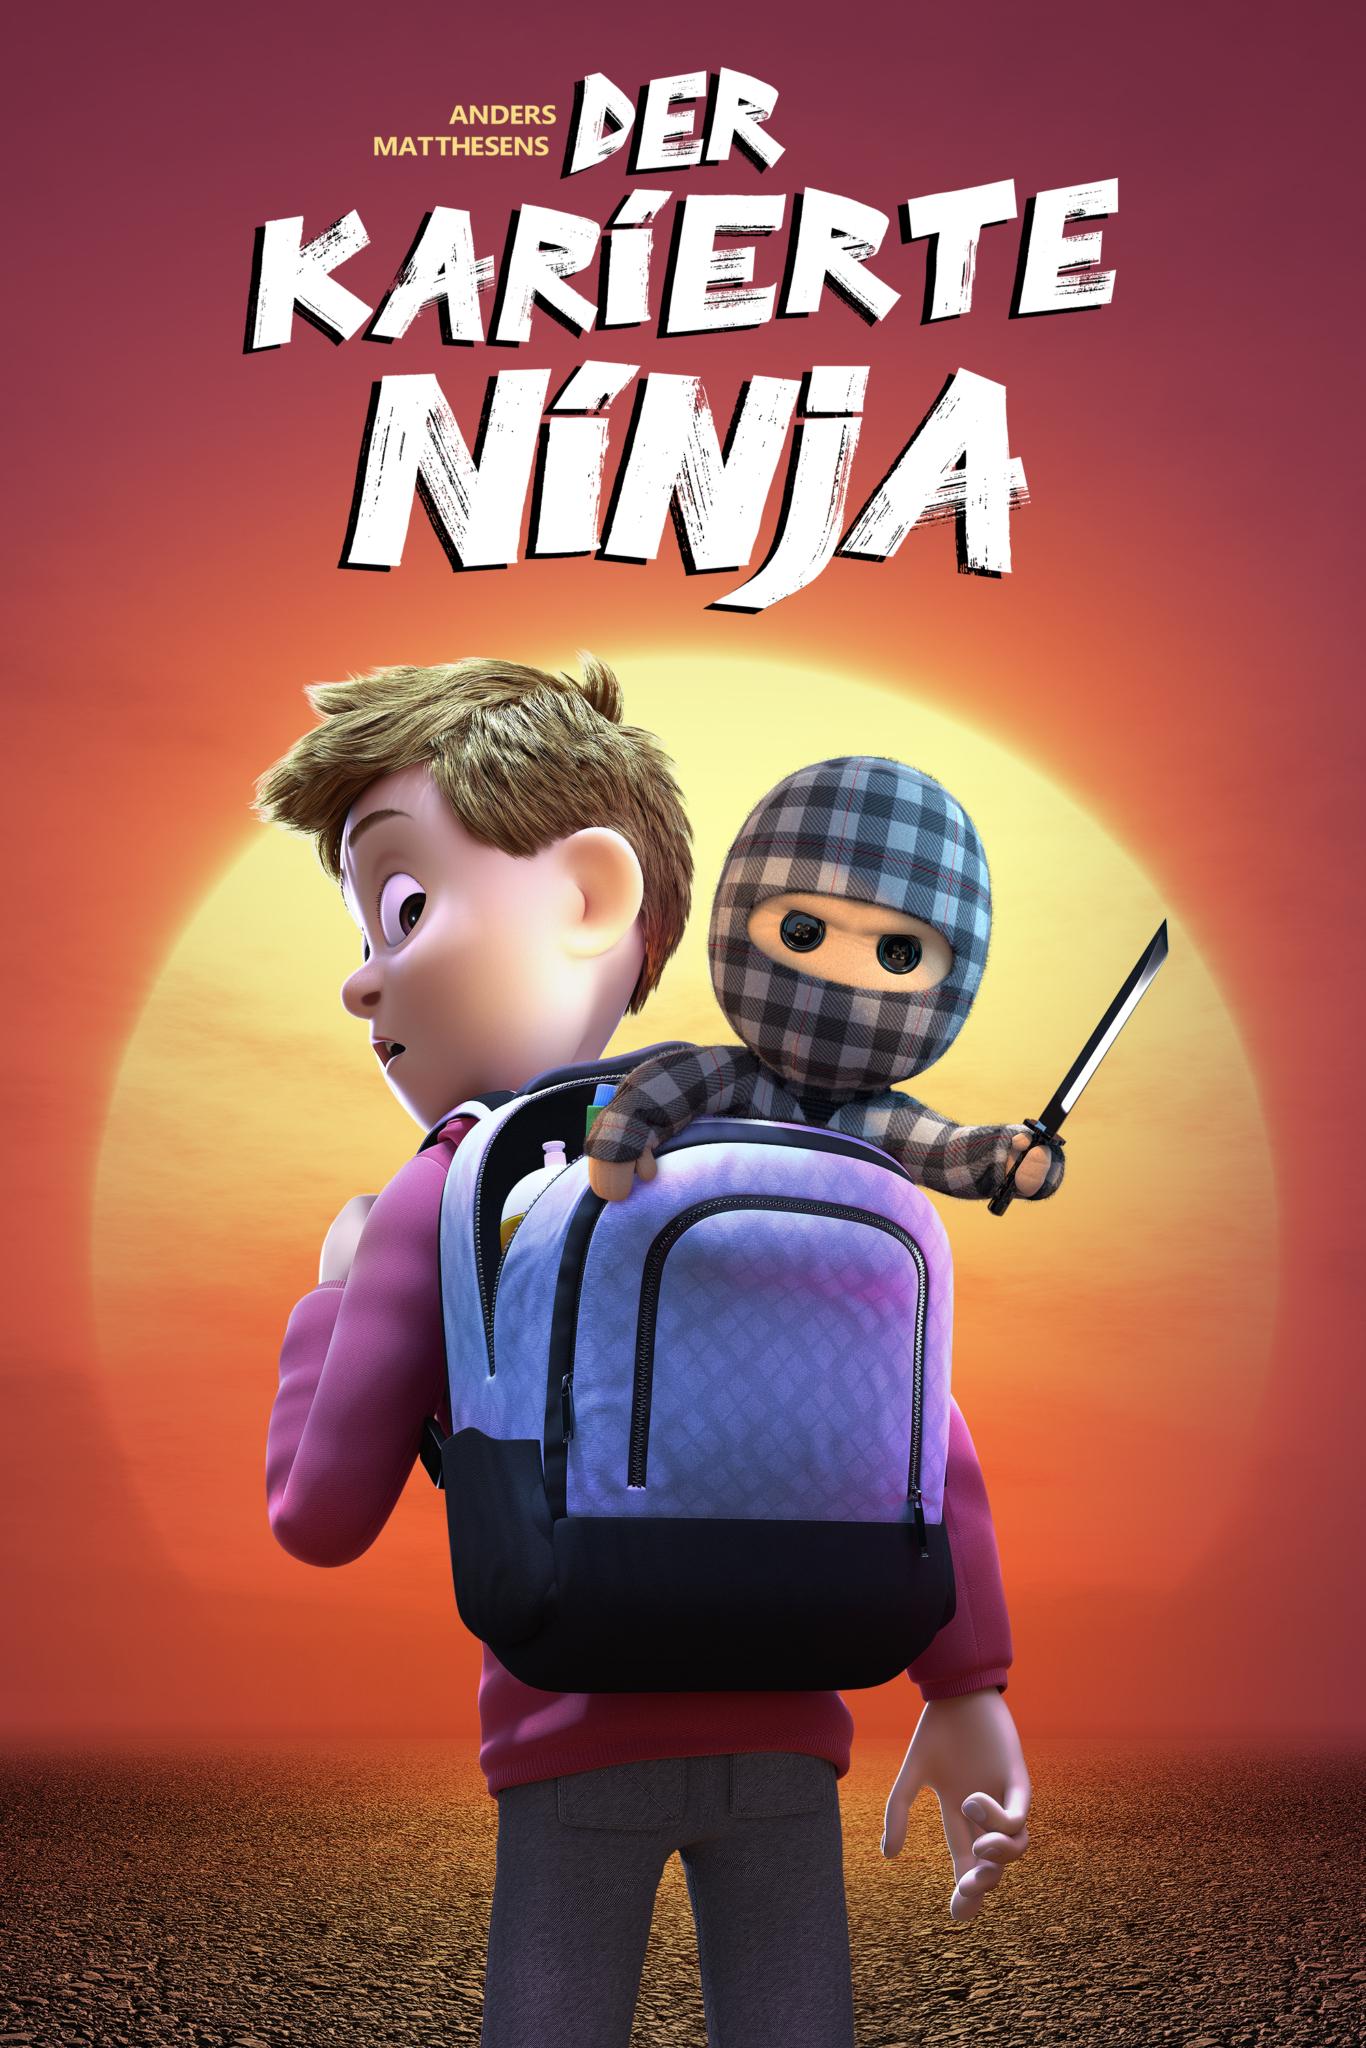 Der karierte Ninja sunset Vod 2zu3 2000x3000